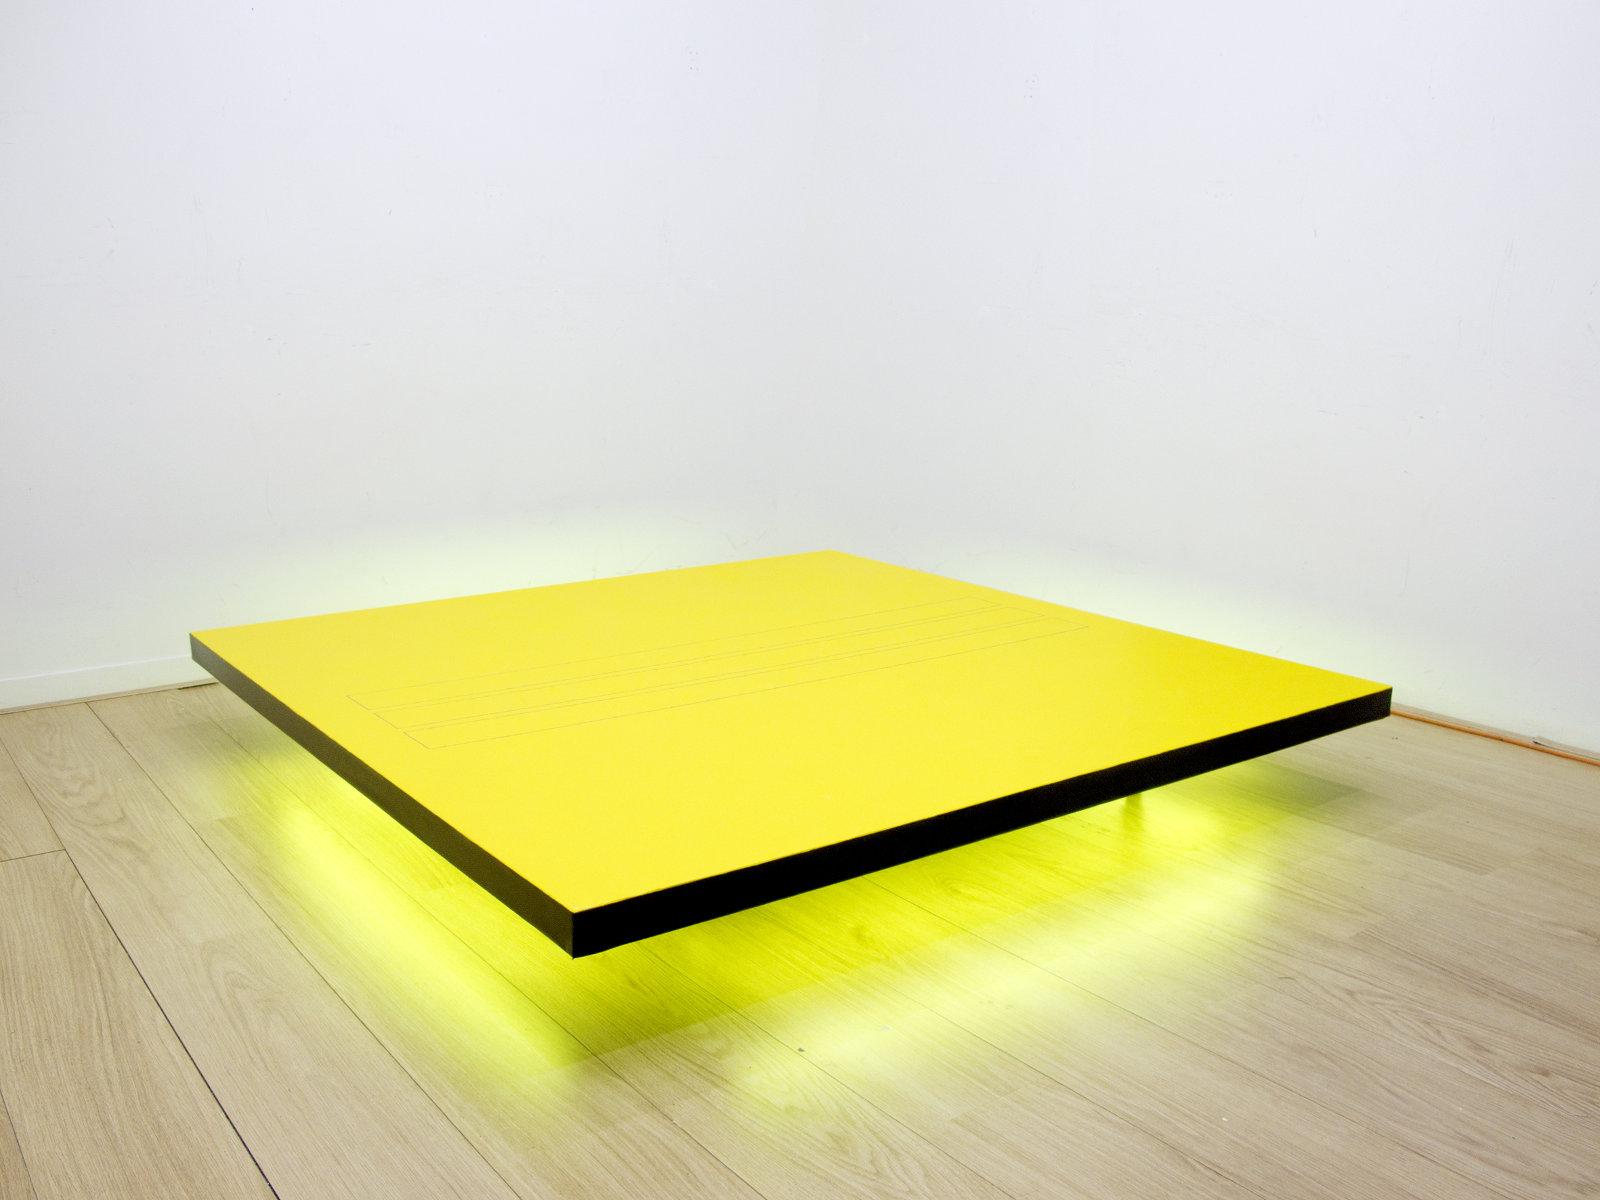 Davide Mancini Zanchi, Set per l'esecuzione della pala di montefeltro, acrilico su tela, neon, ruote industriali, 170x160cm, 2014